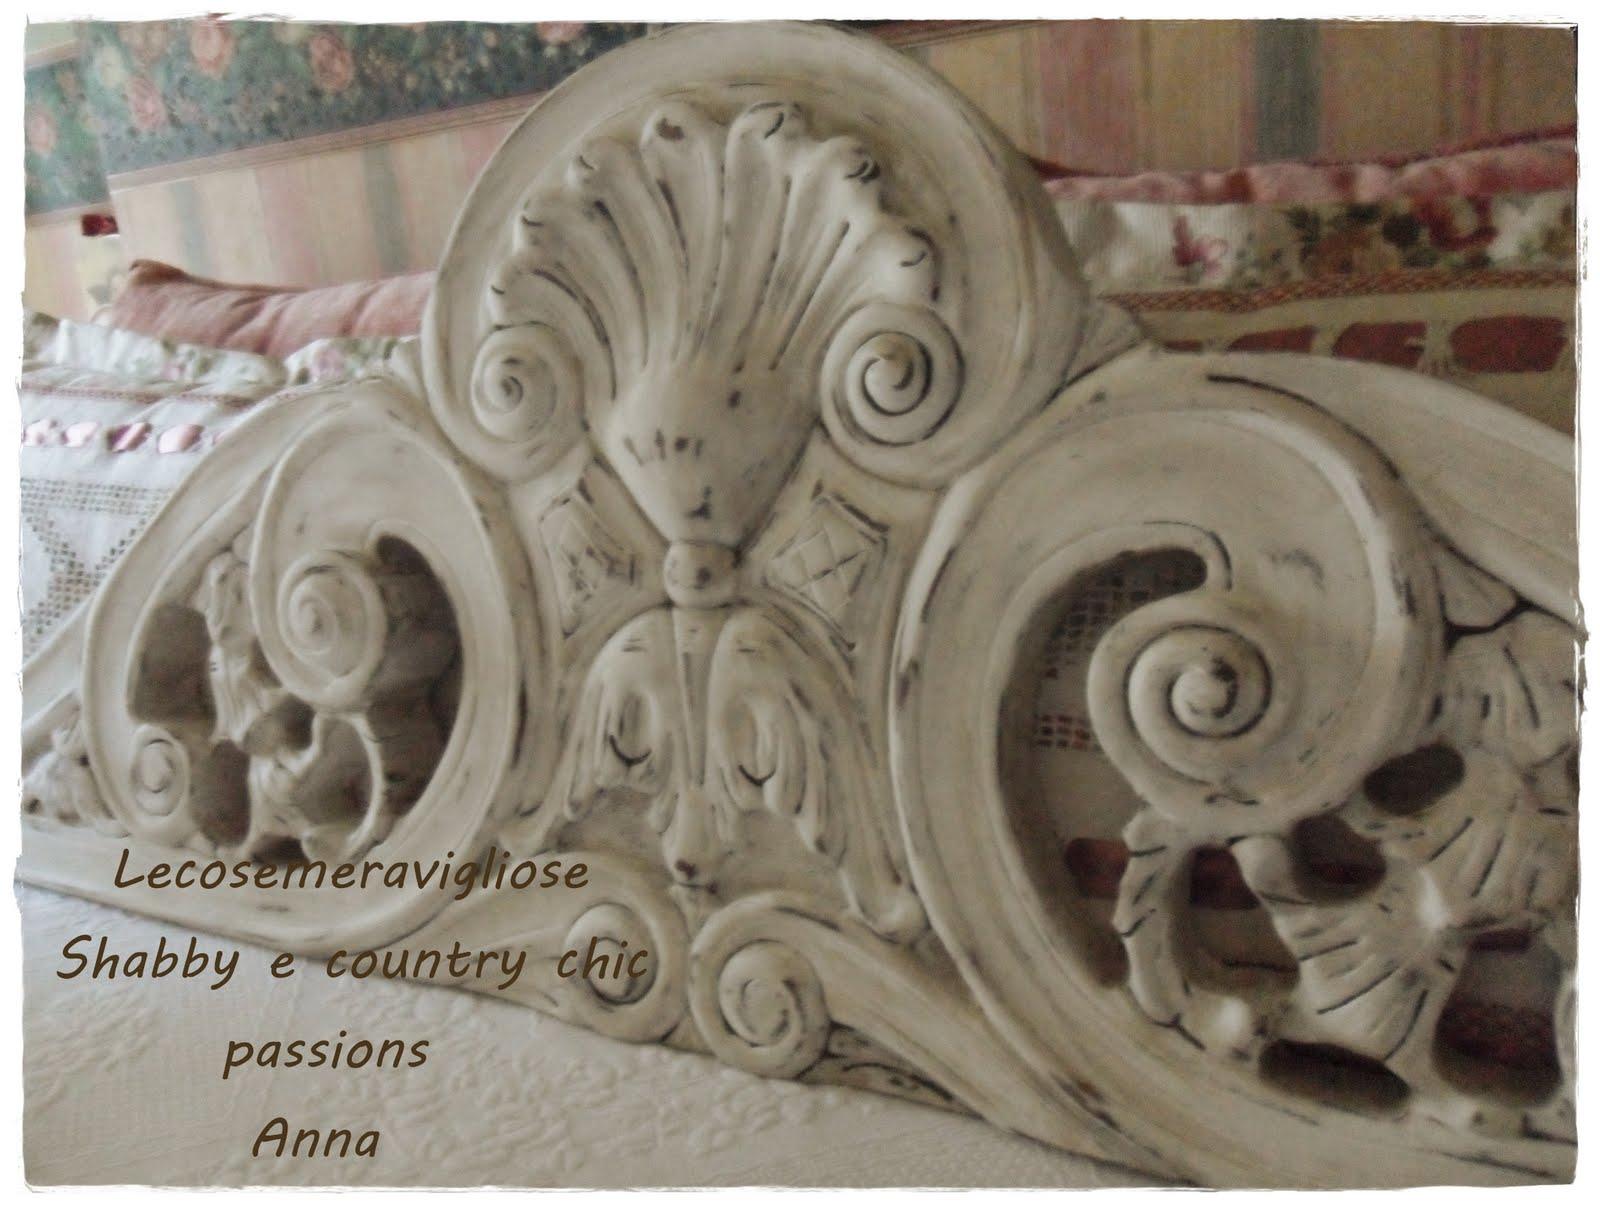 Lecosemeravigliose shabby e country chic passions cimase - Testata letto antica ...